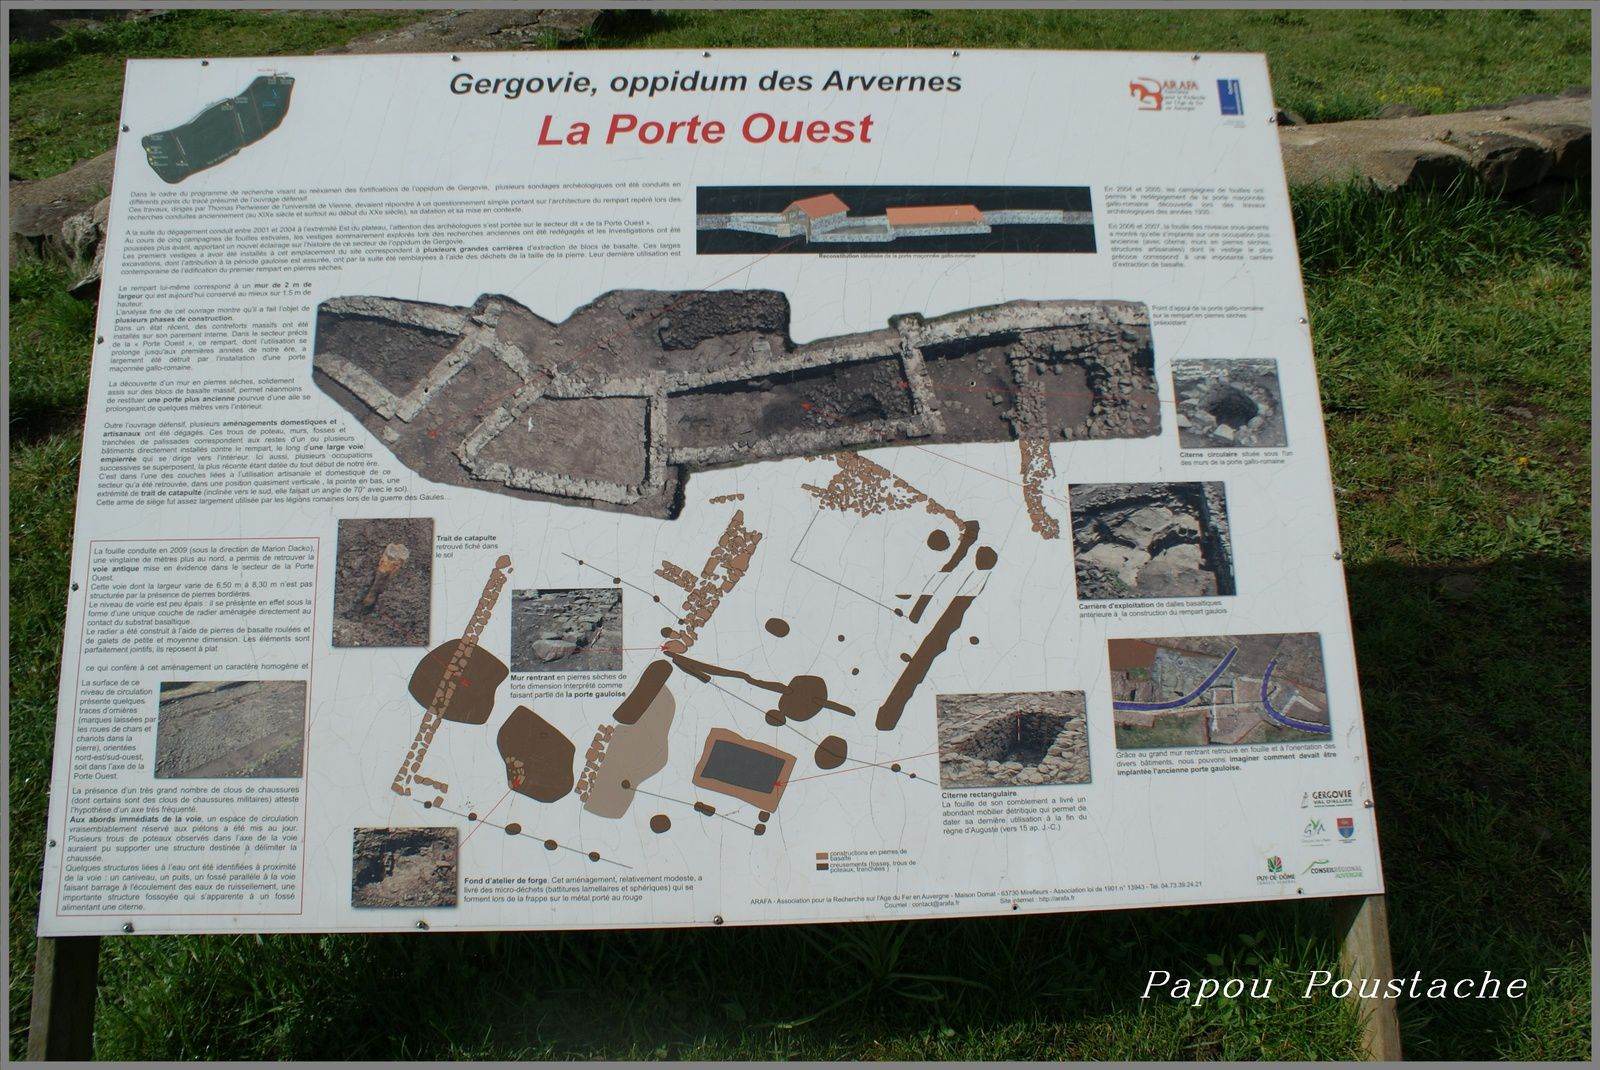 Le Plateau de Gergovie